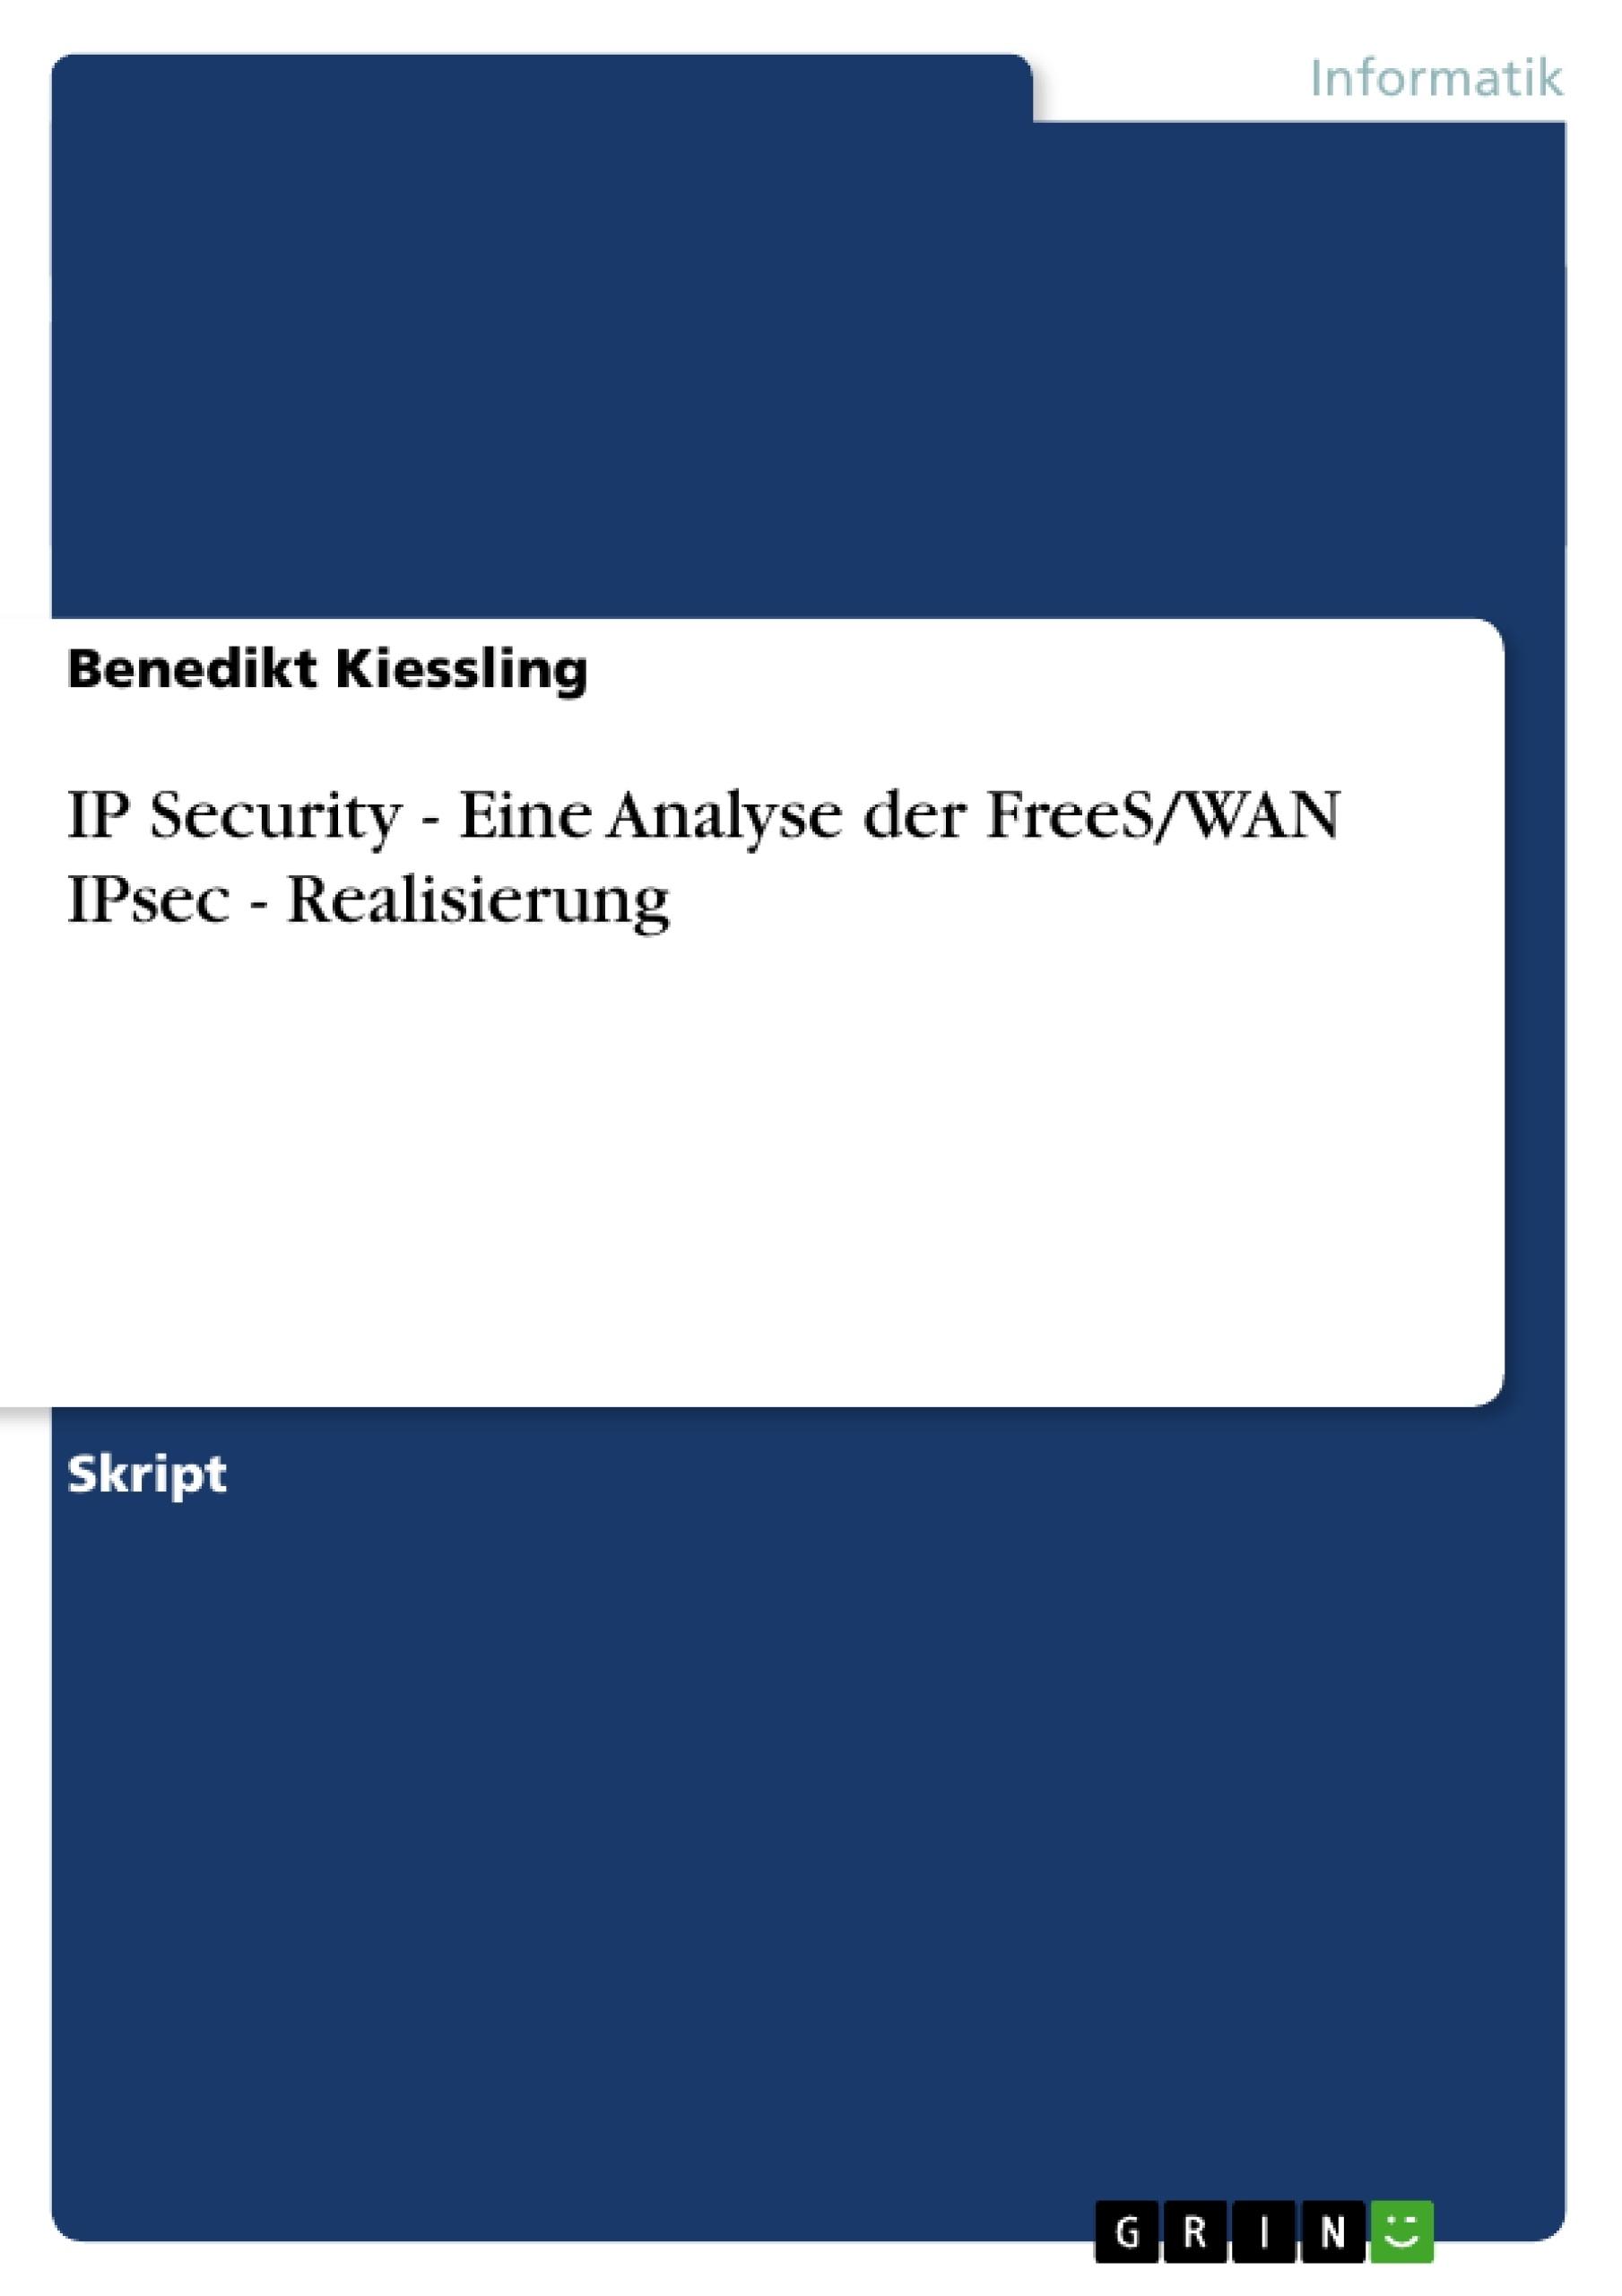 Titel: IP Security - Eine Analyse der FreeS/WAN IPsec - Realisierung